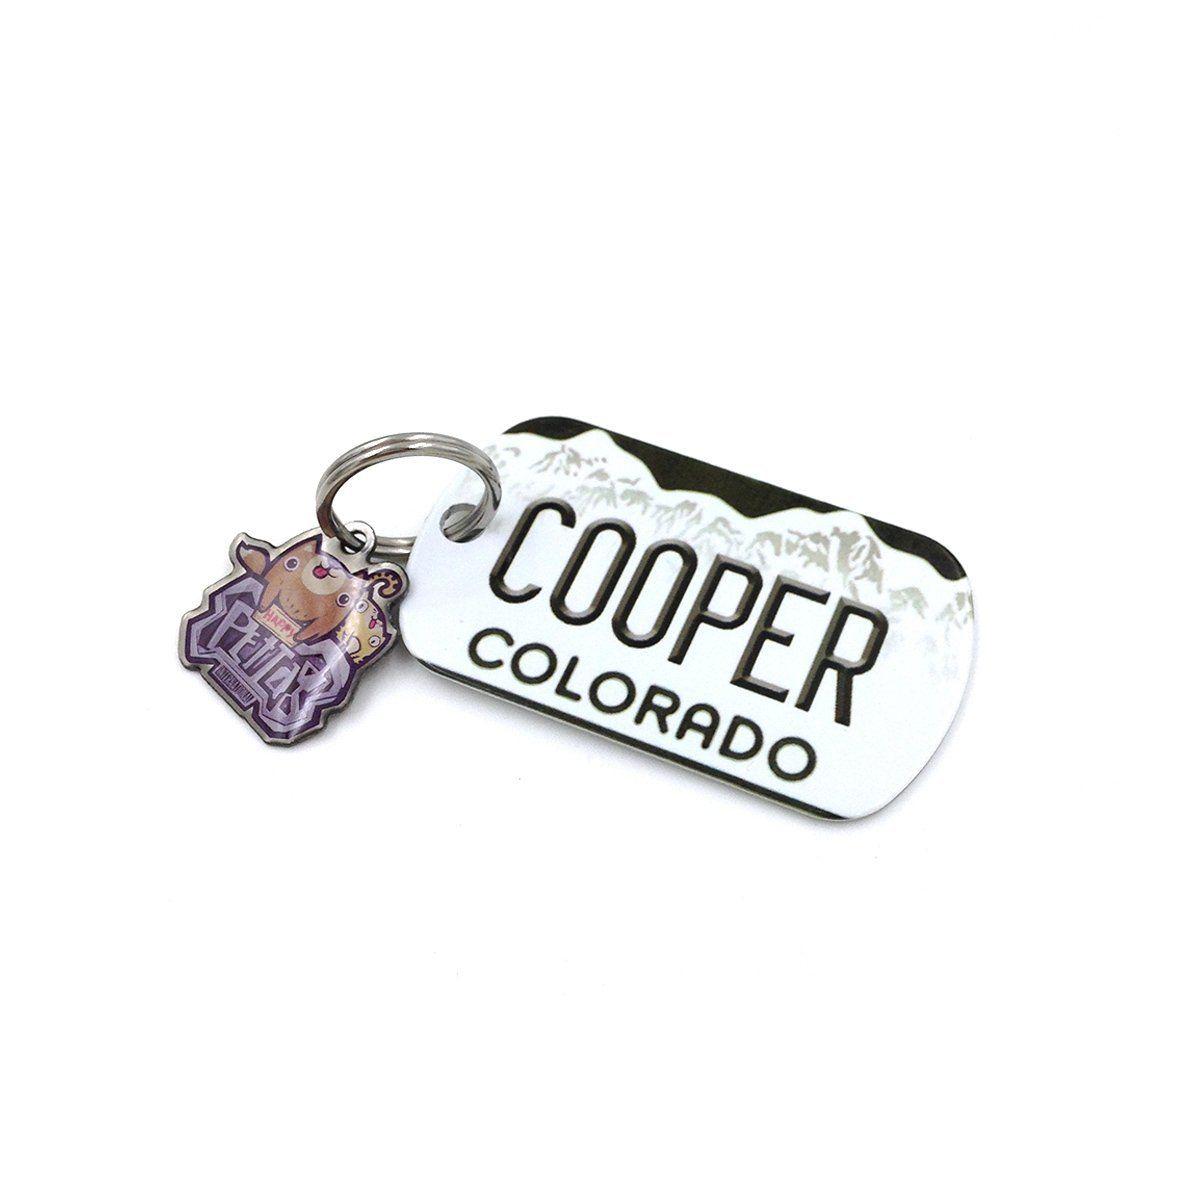 Happypettag Colorado Pet Tag